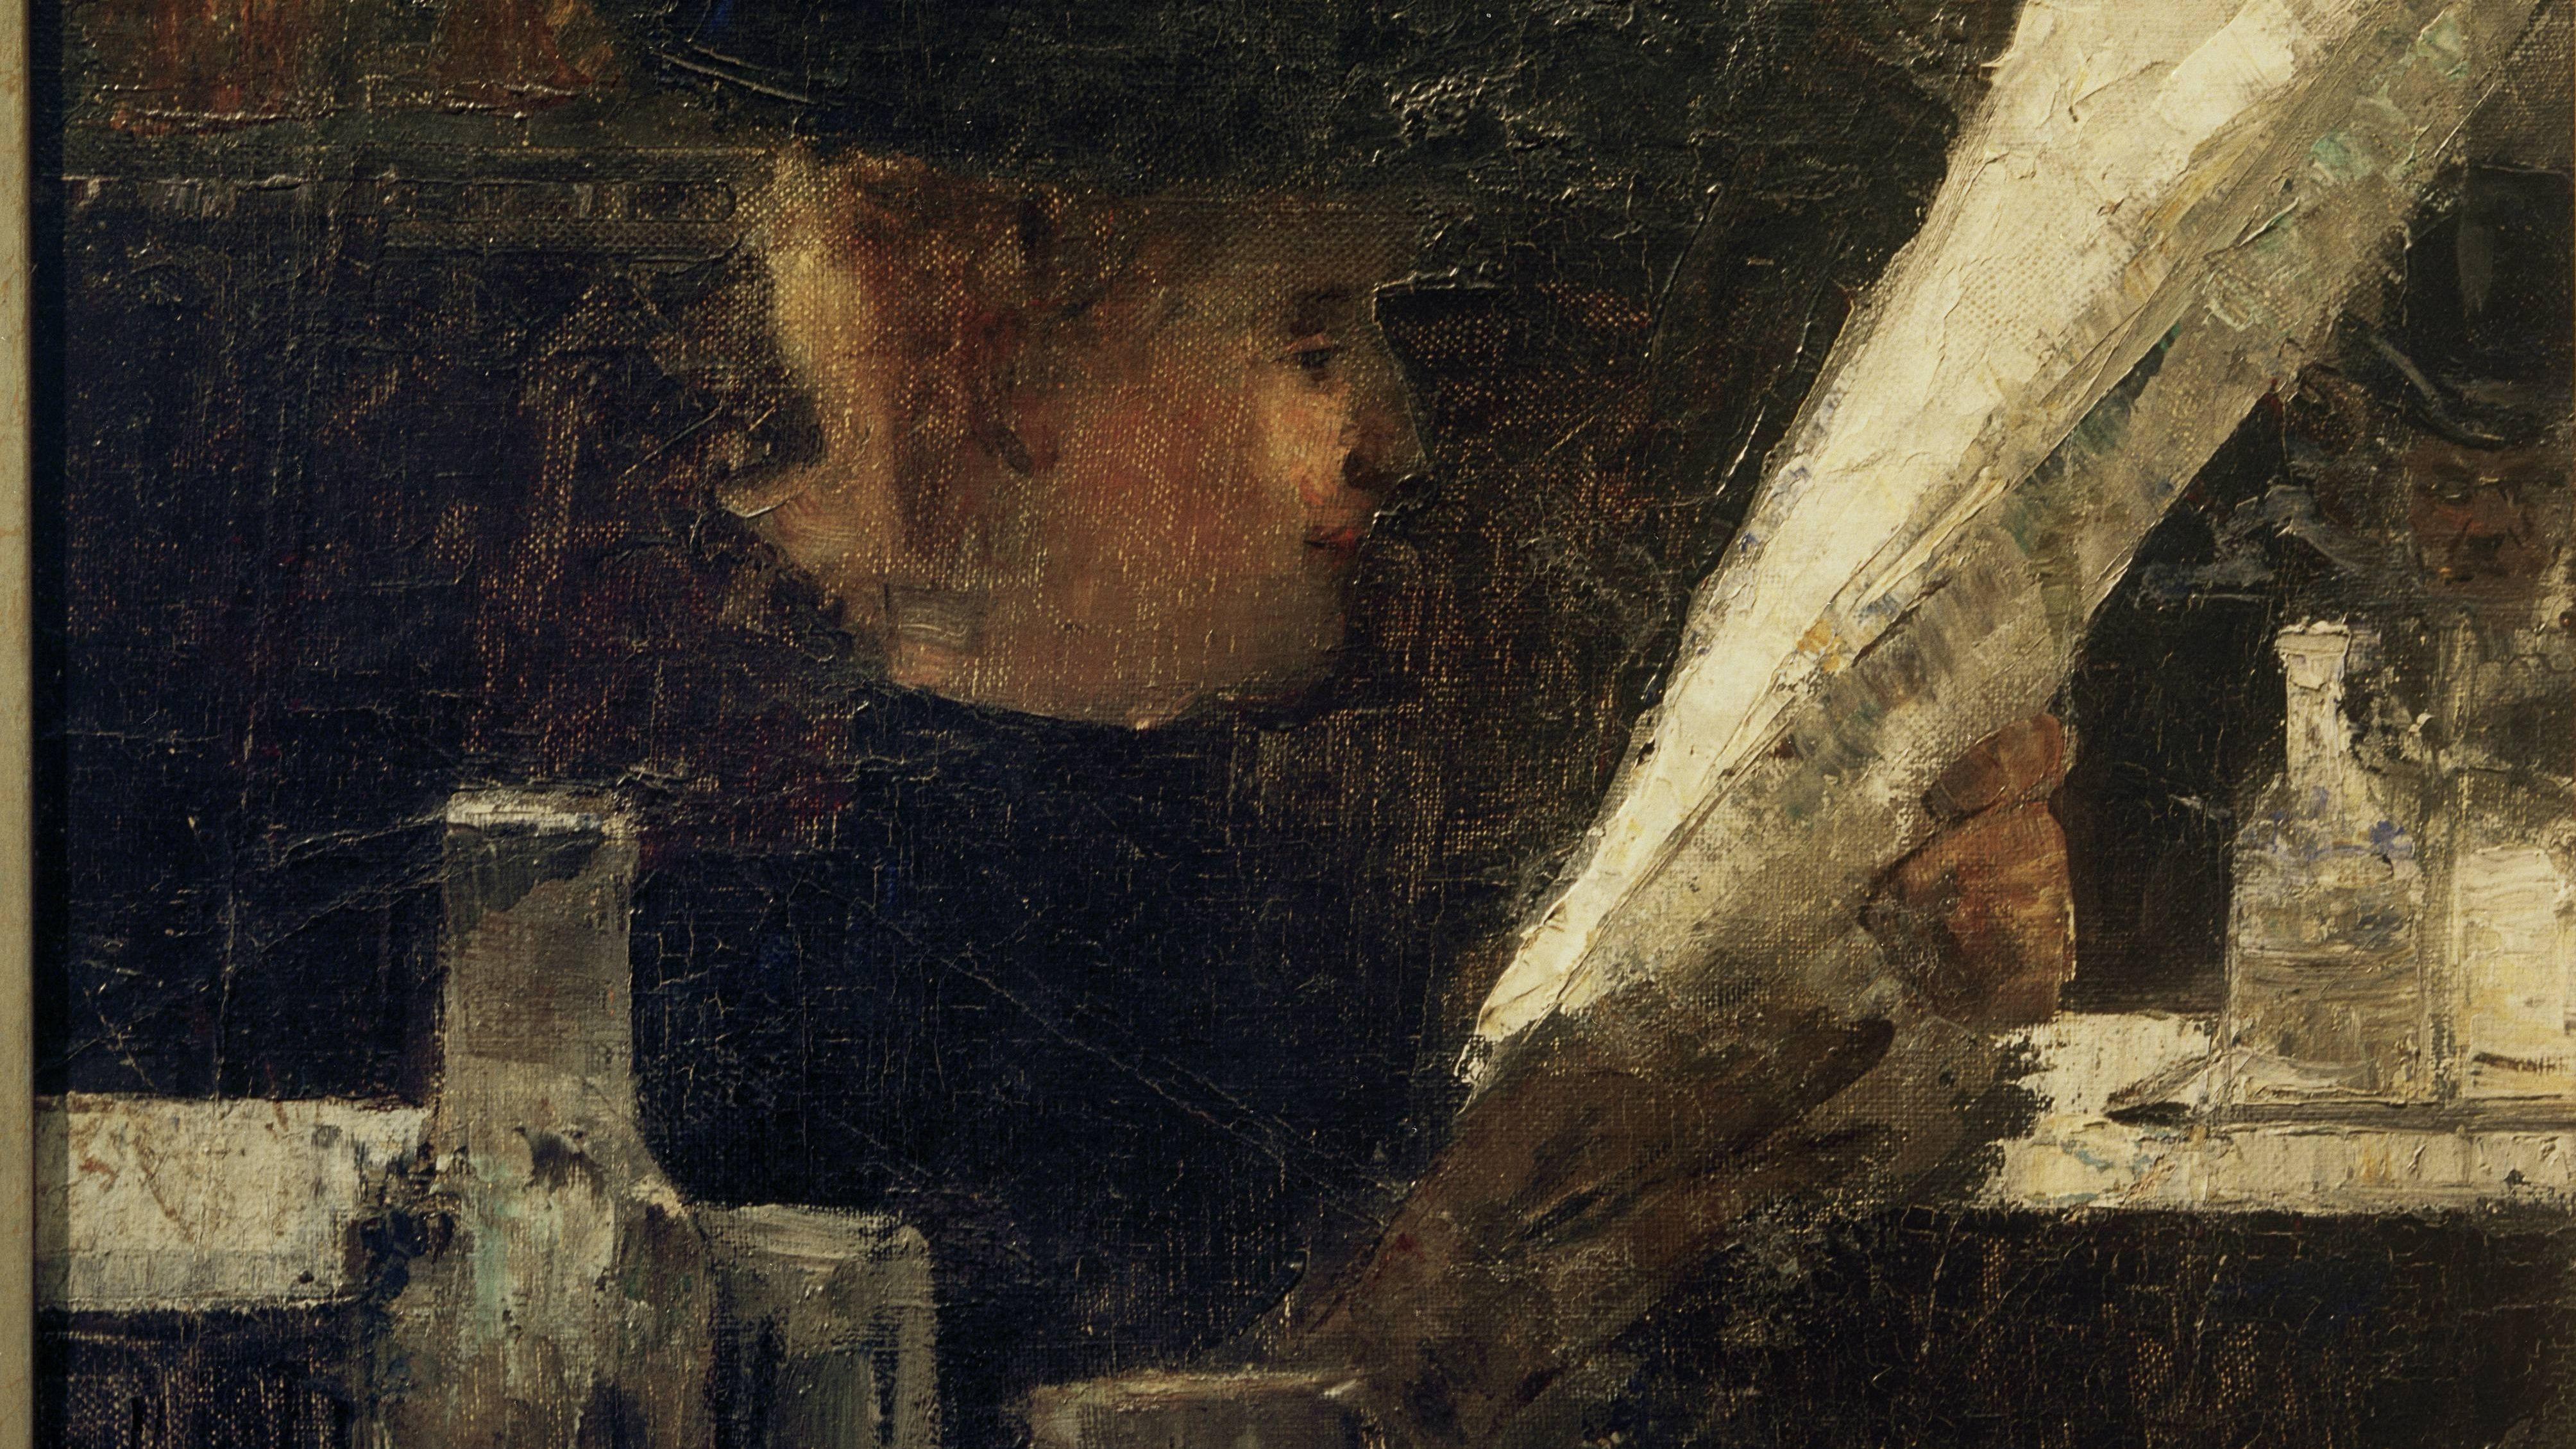 Gemälde einer Zeitung lesenden Dame am Tisch, sie trägt ein schwarzes Oberteil mit Stehkragen  und einen schwarzen Hut